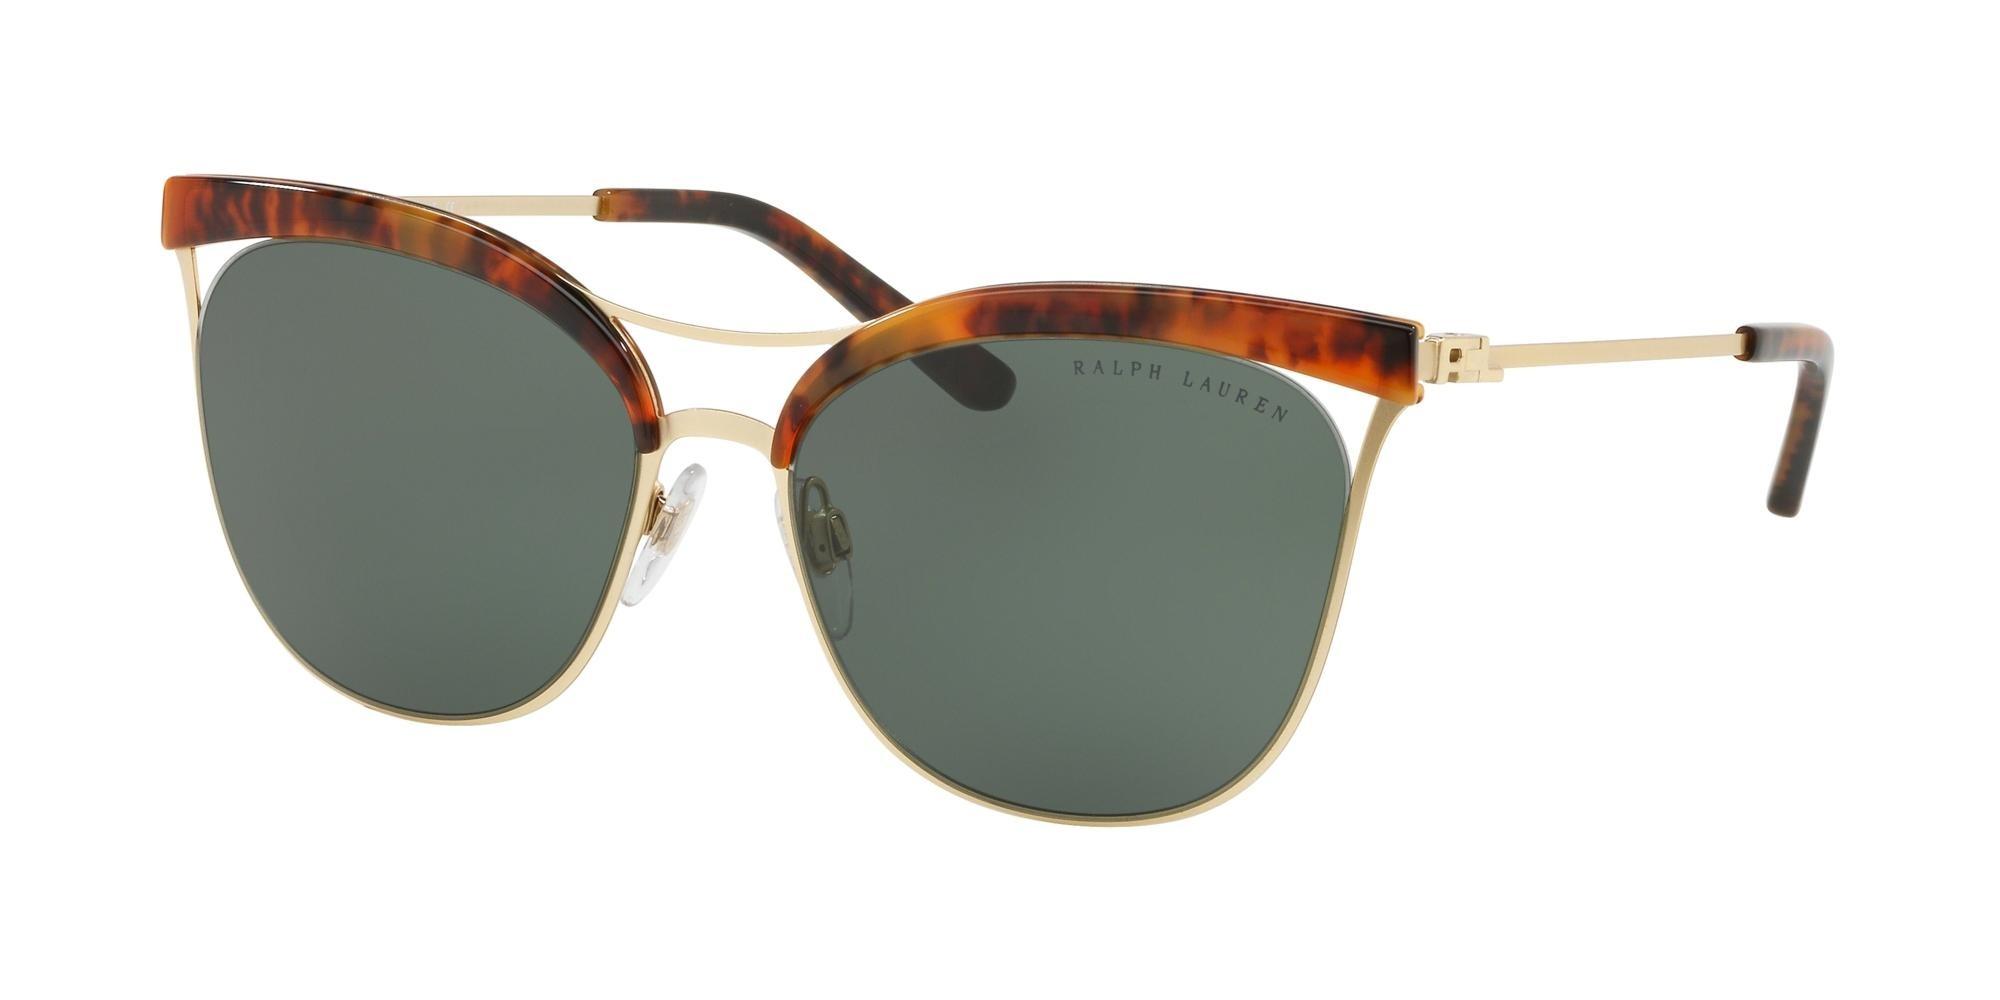 Ralph Lauren zonnebrillen RL 7061